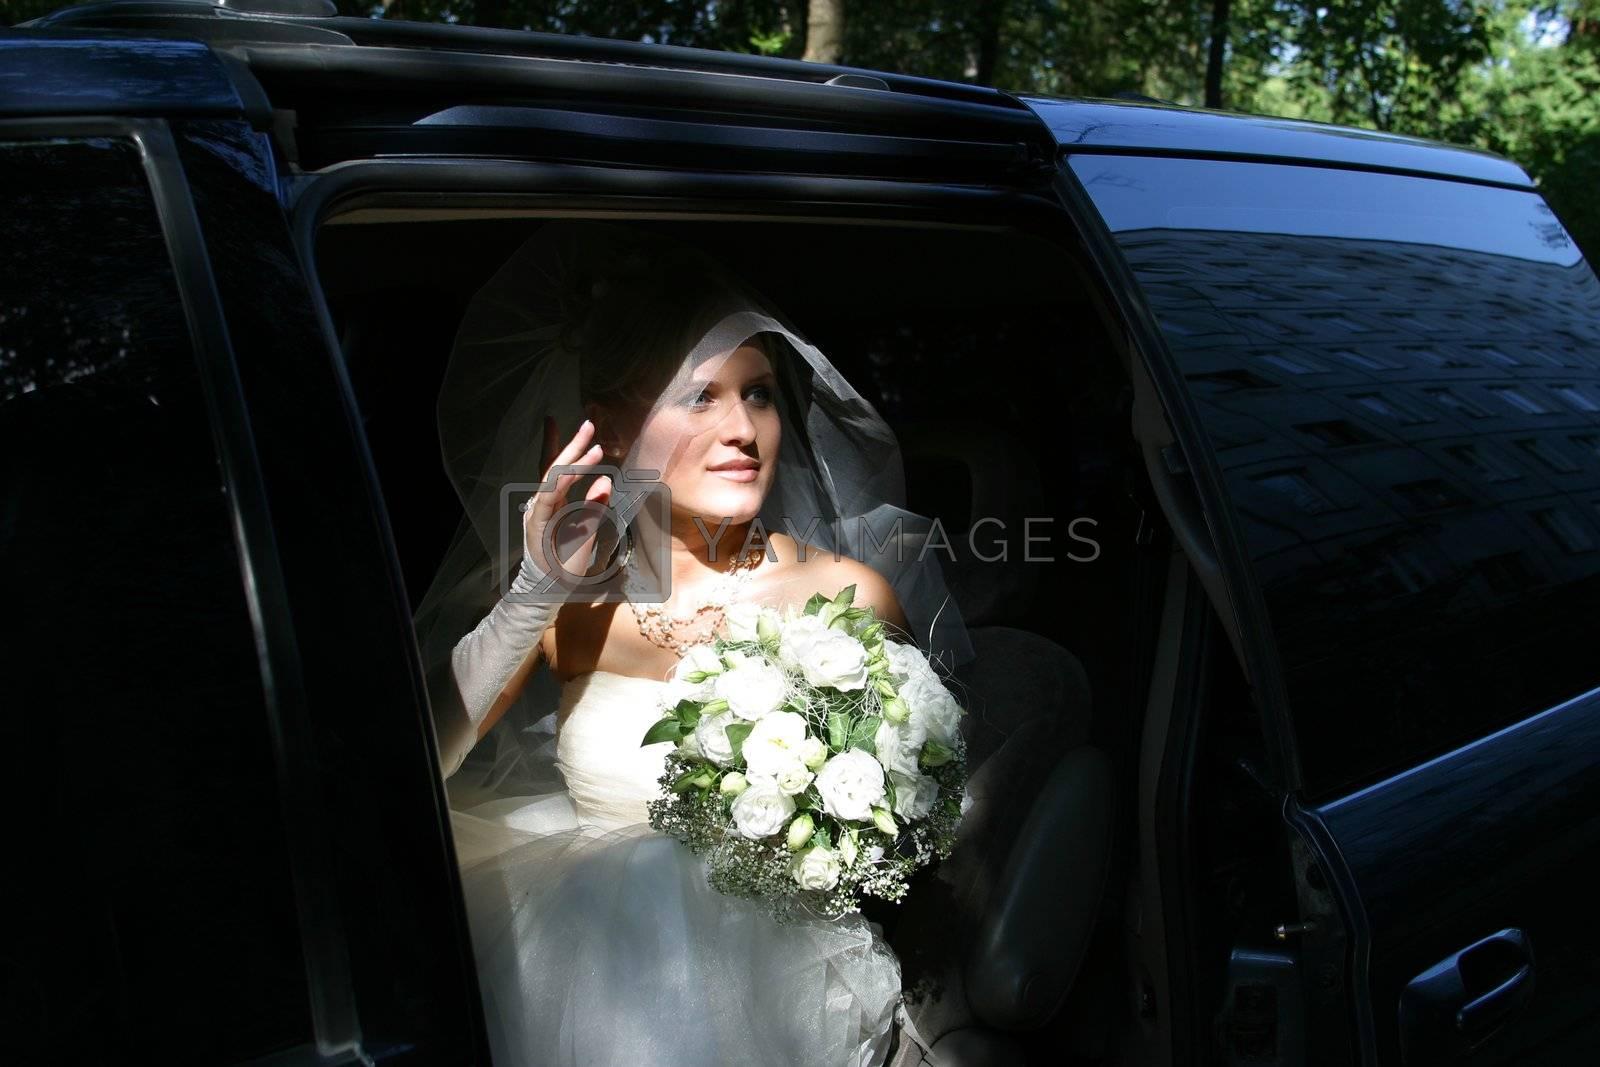 The beautiful bride in a car